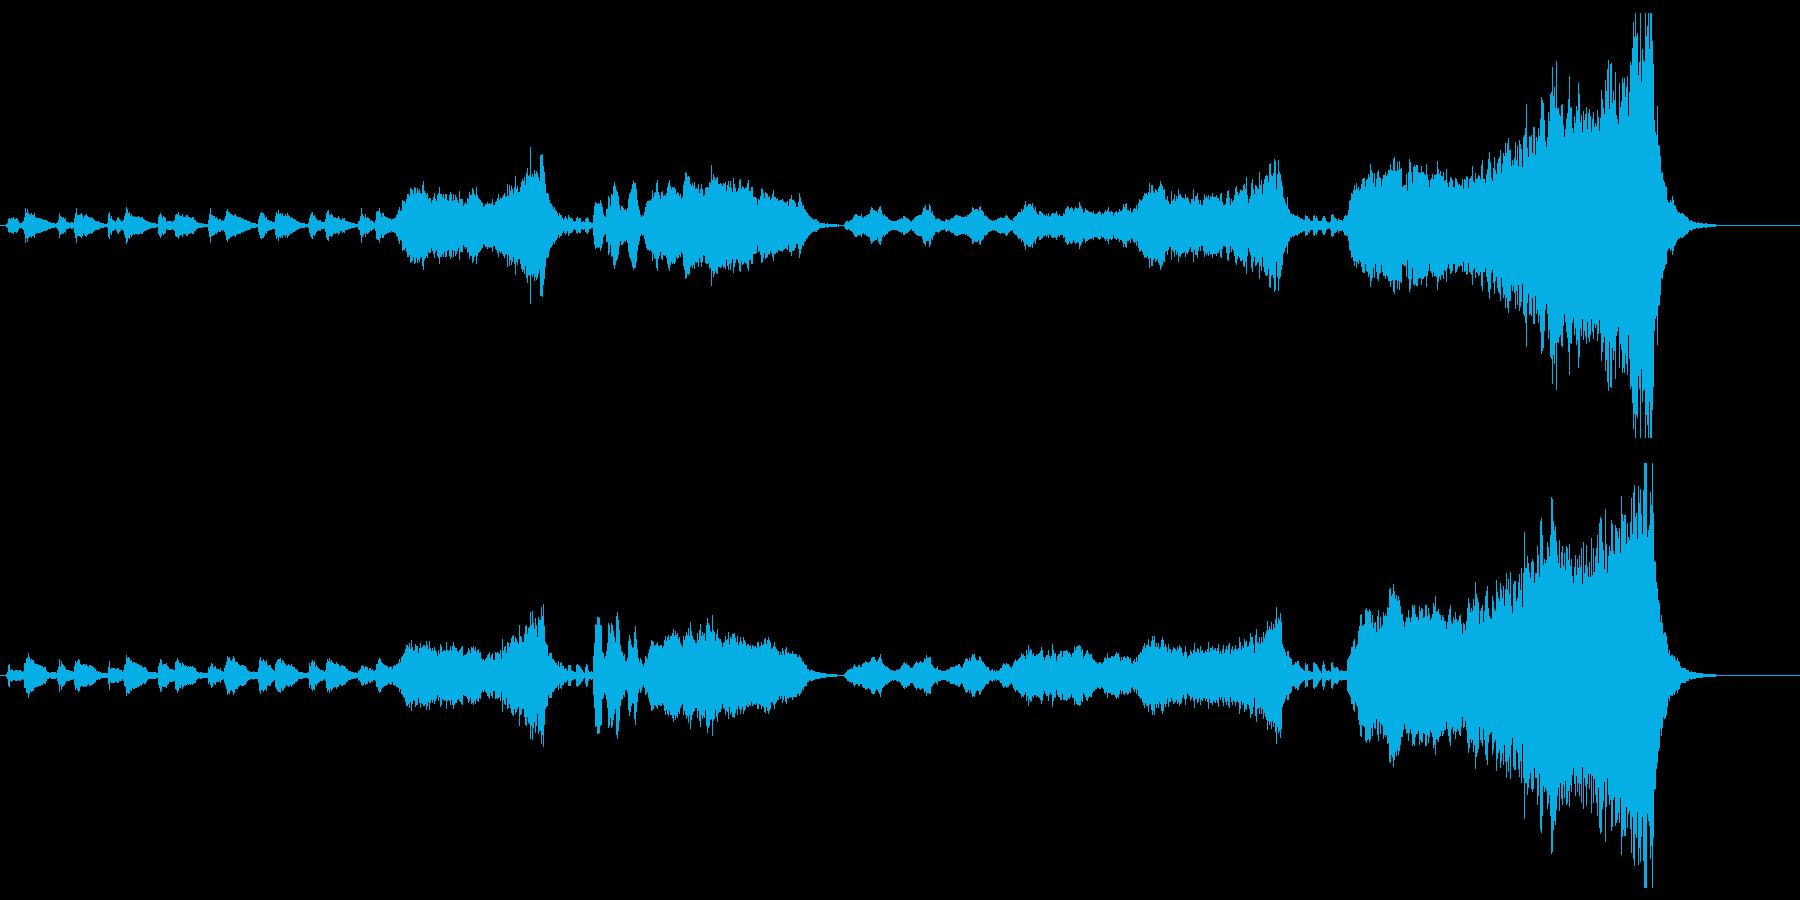 オーケストラのハッピーバースデー オケの再生済みの波形